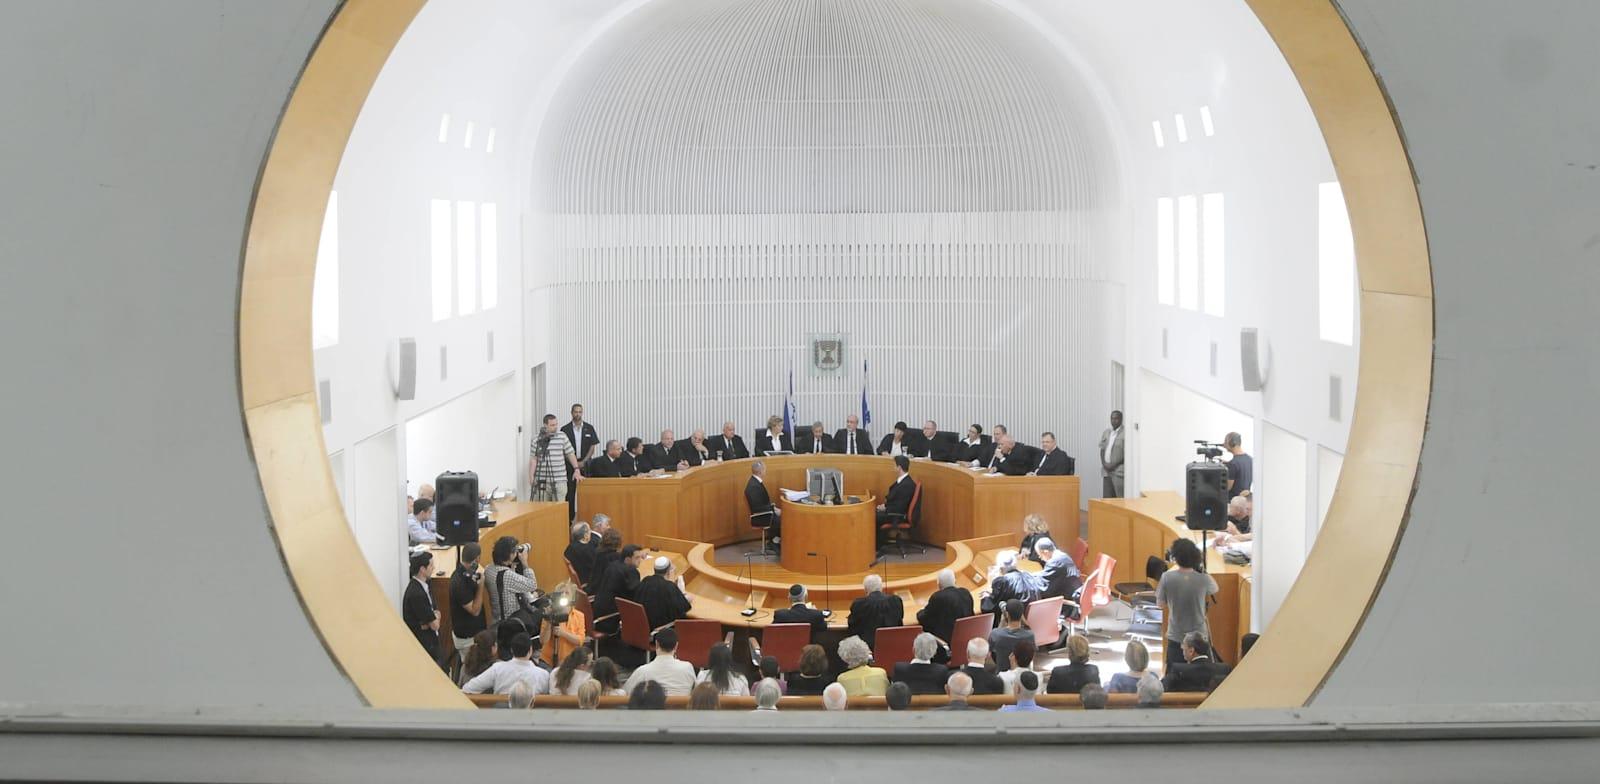 בית המשפט העליון / צילום: אוריה תדמור